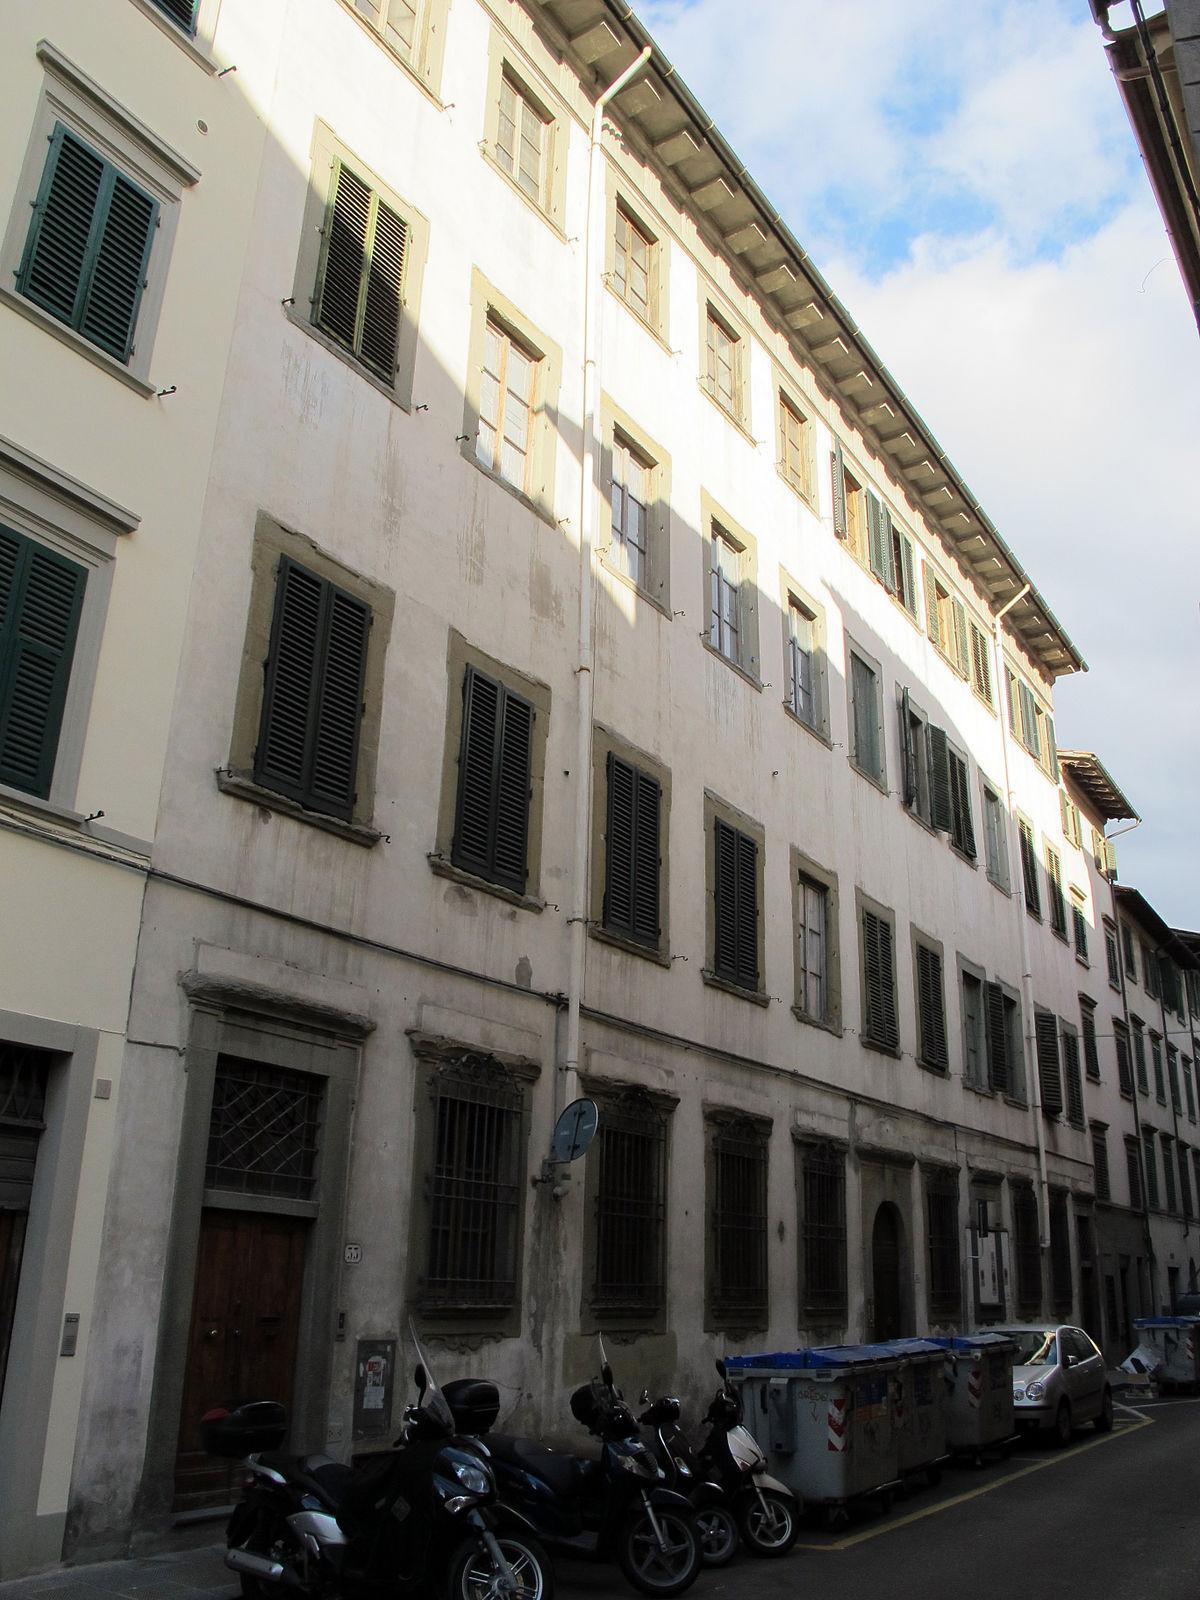 Palazzo pozzolini wikipedia for Palazzo a 4 piani